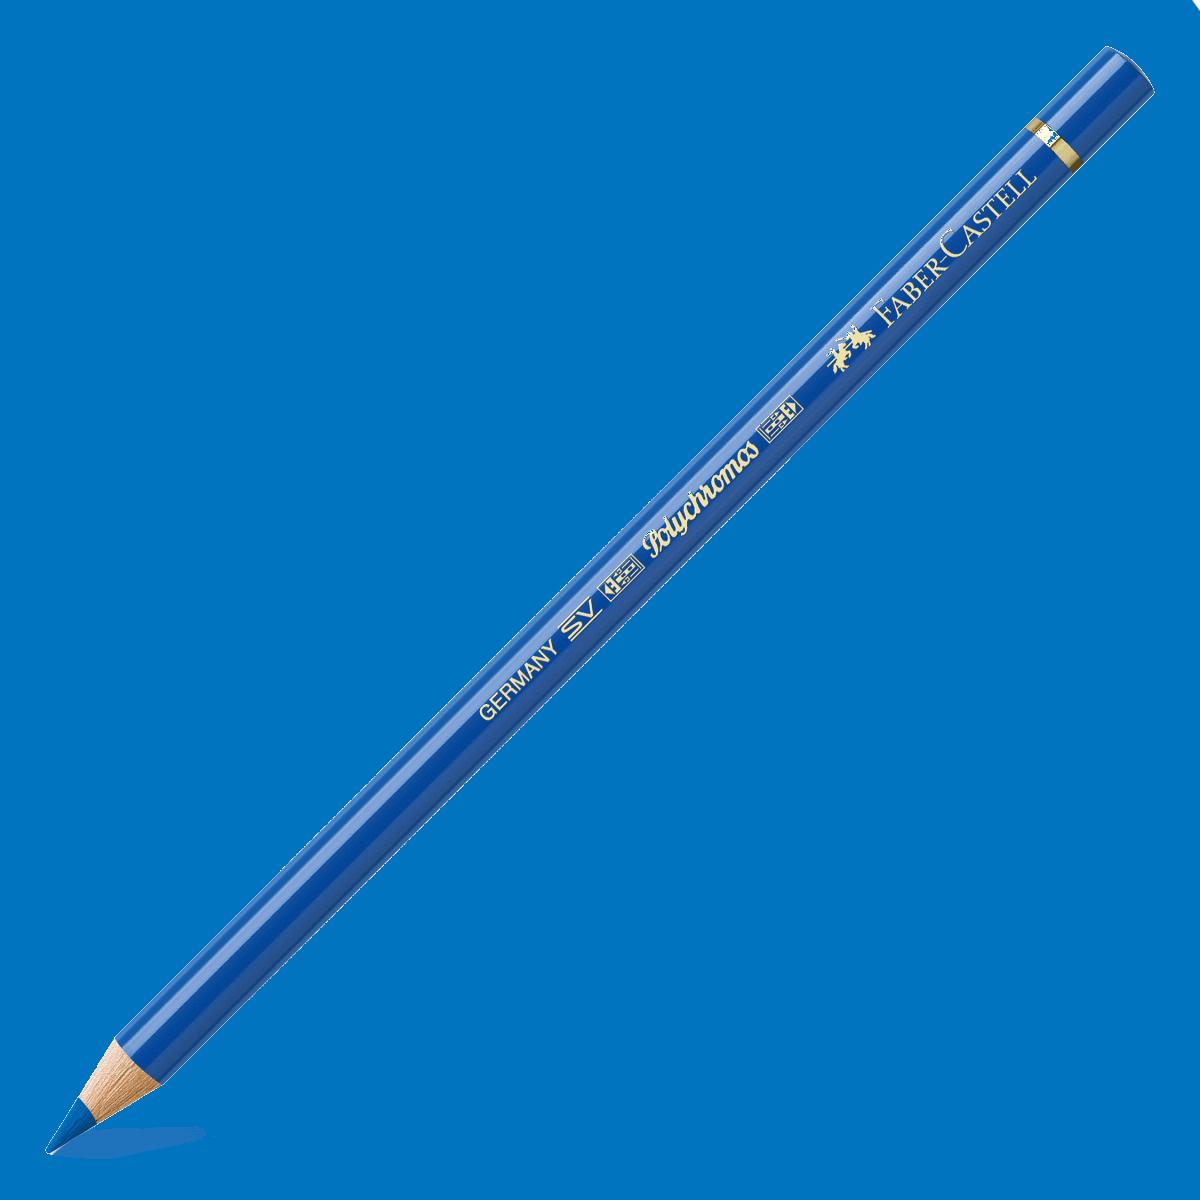 Kredka Polychromos 144 błękit kobaltowy zielonkawy, Faber-Castell